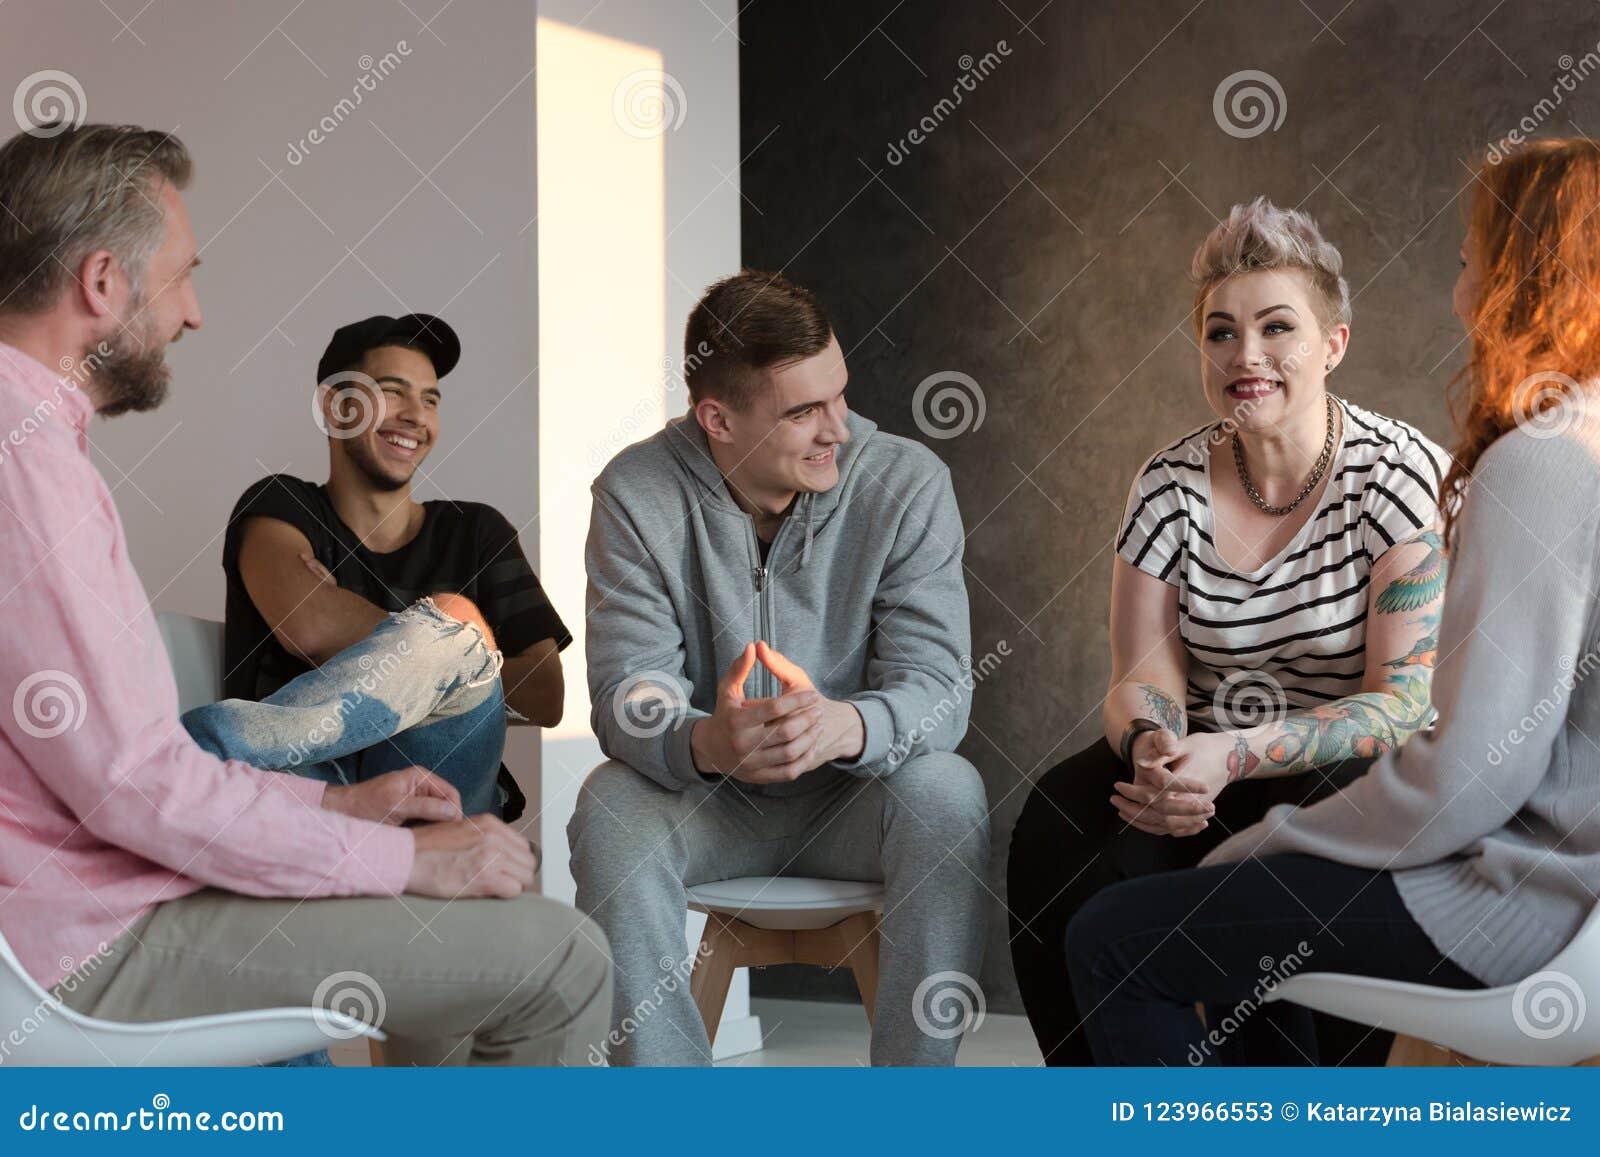 Adolescents riant pendant un groupe conseillant la session pour la jeunesse